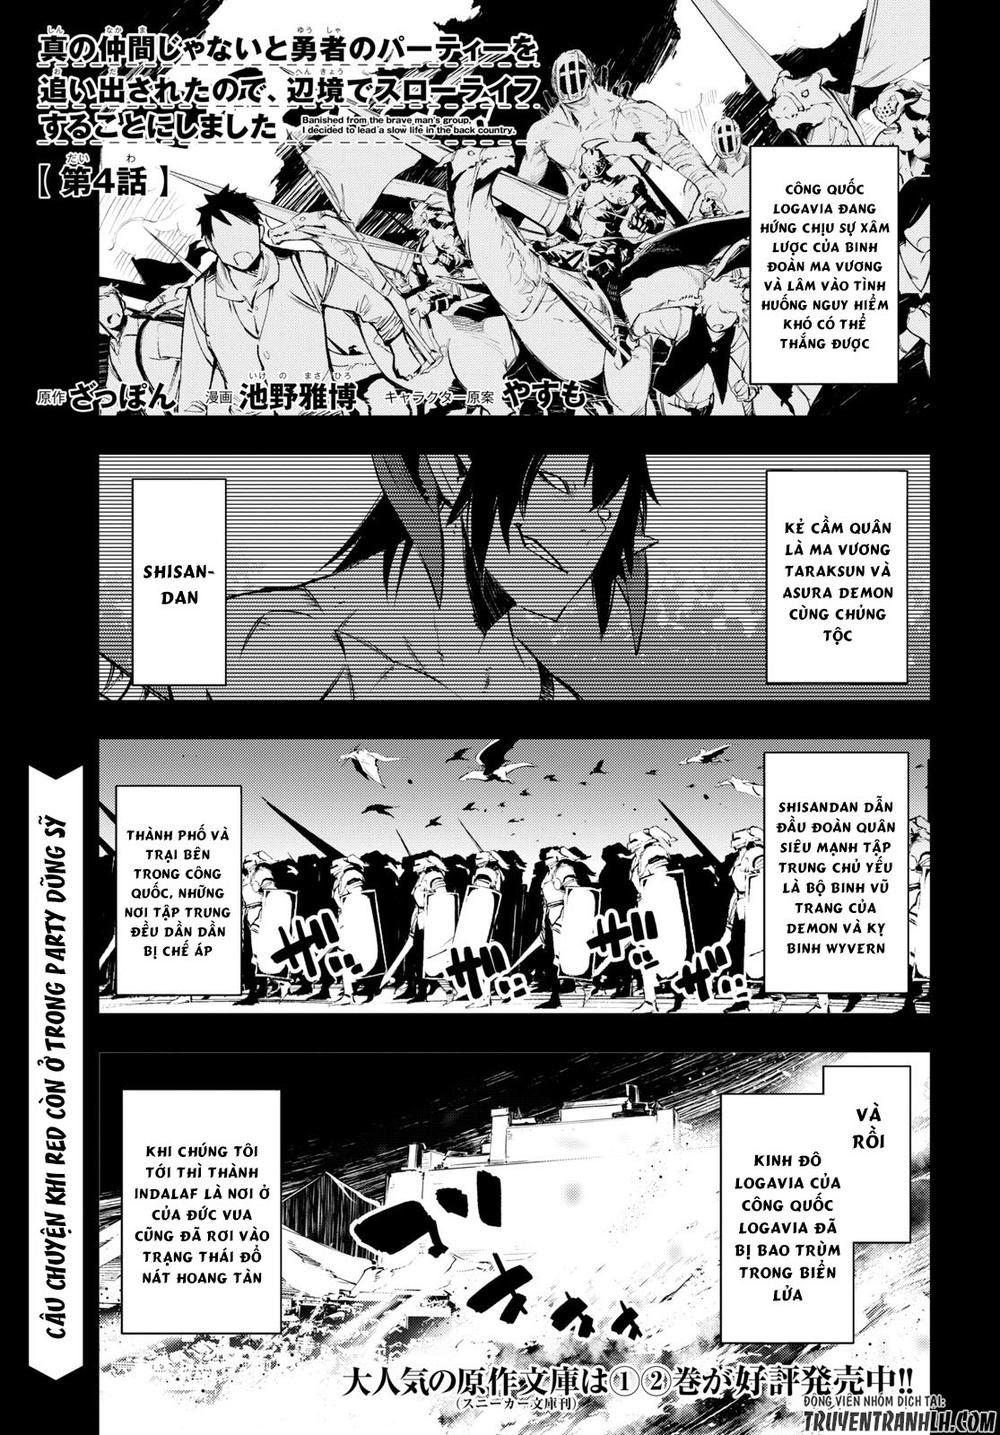 Shin no nakama janai to Yuusha no party wo Oidasareta no de, Henkyou de Slow Life suru koto ni shimashita Chương 5 - truyentranhlh.net